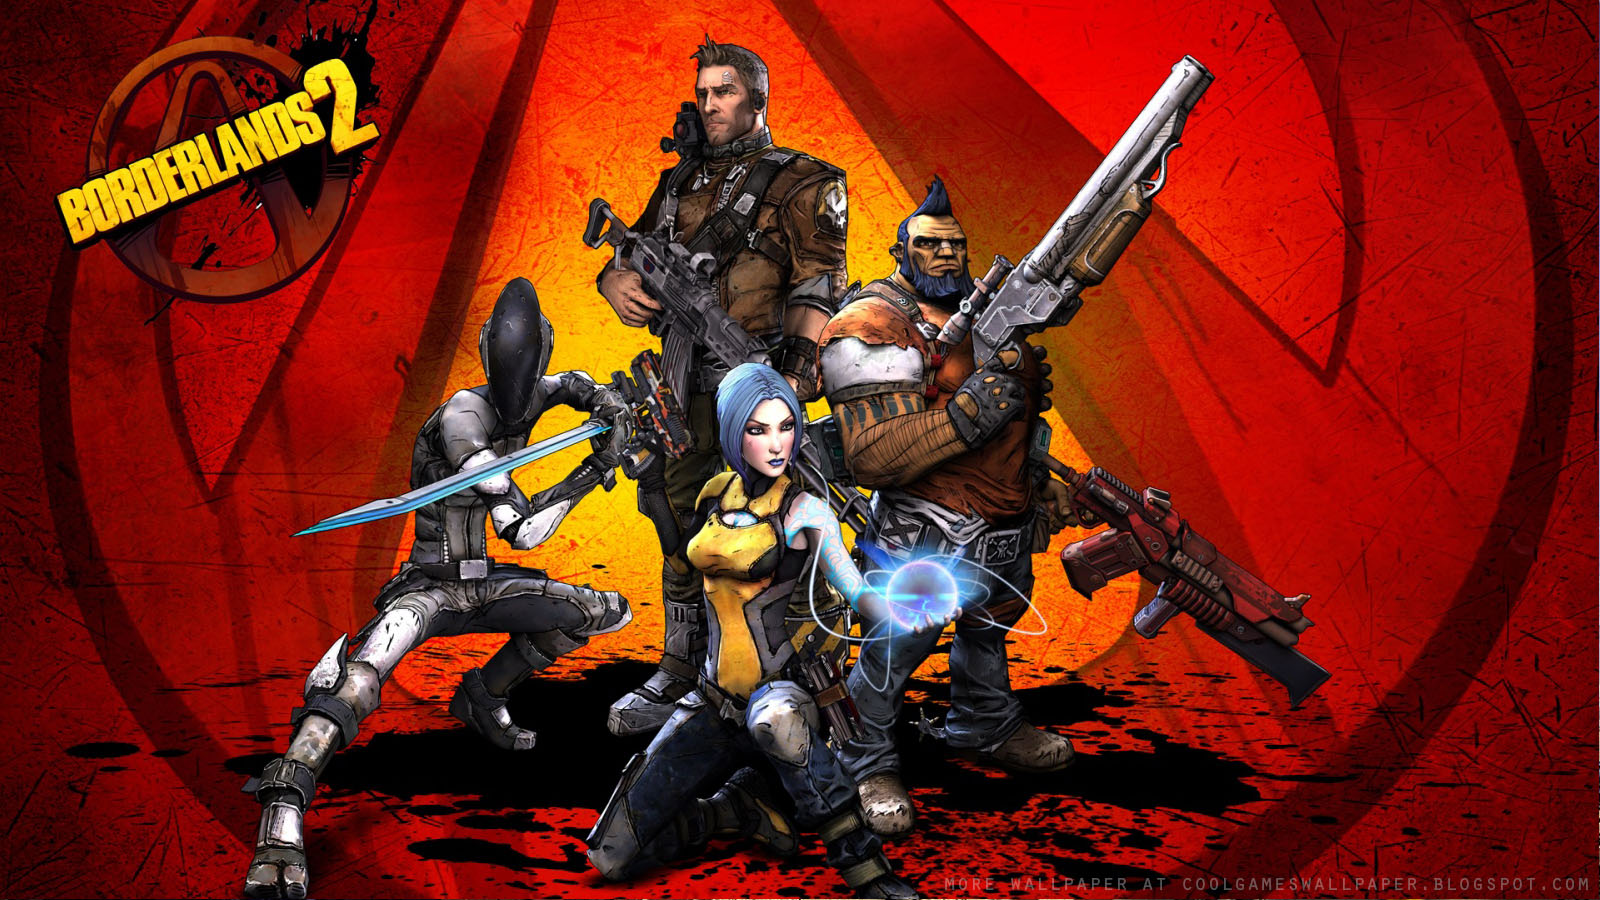 borderlands 2 hd wallpaper - cool games wallpaper